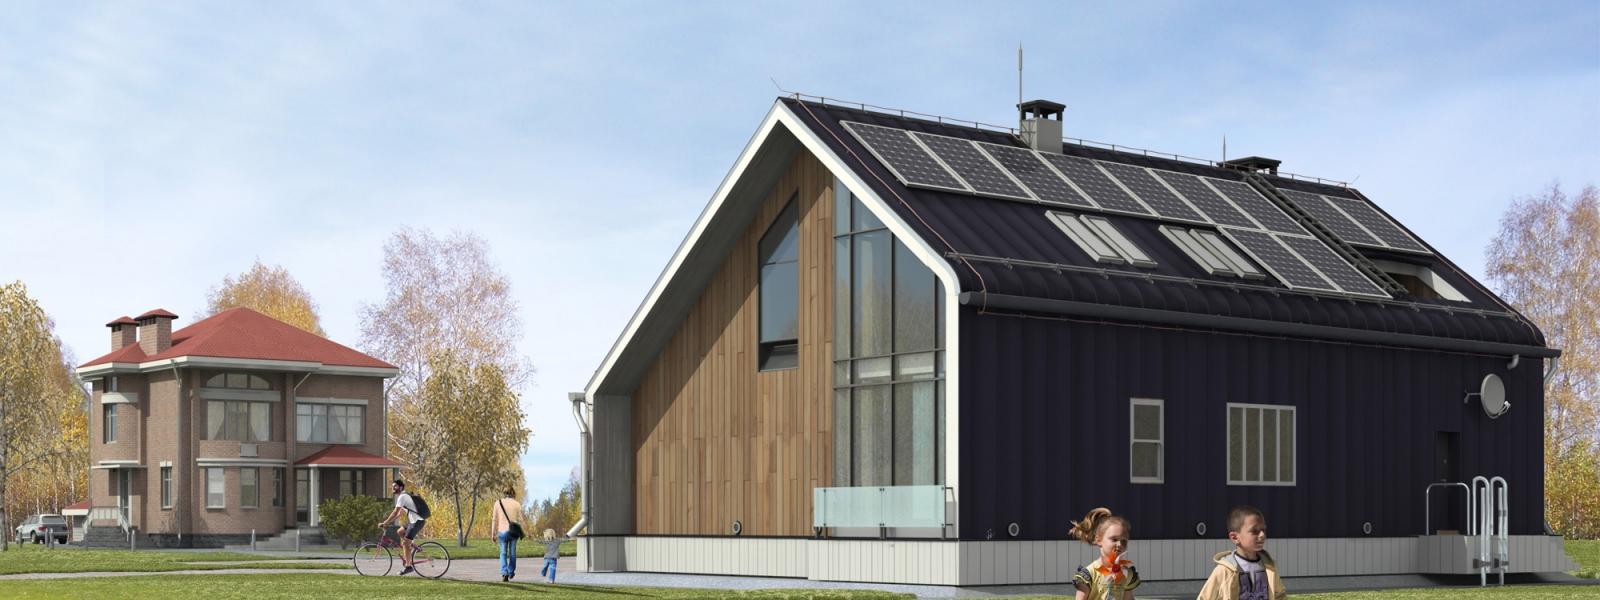 work-Понтонные дома. Система наземного понтонного подъема здания при наводнении